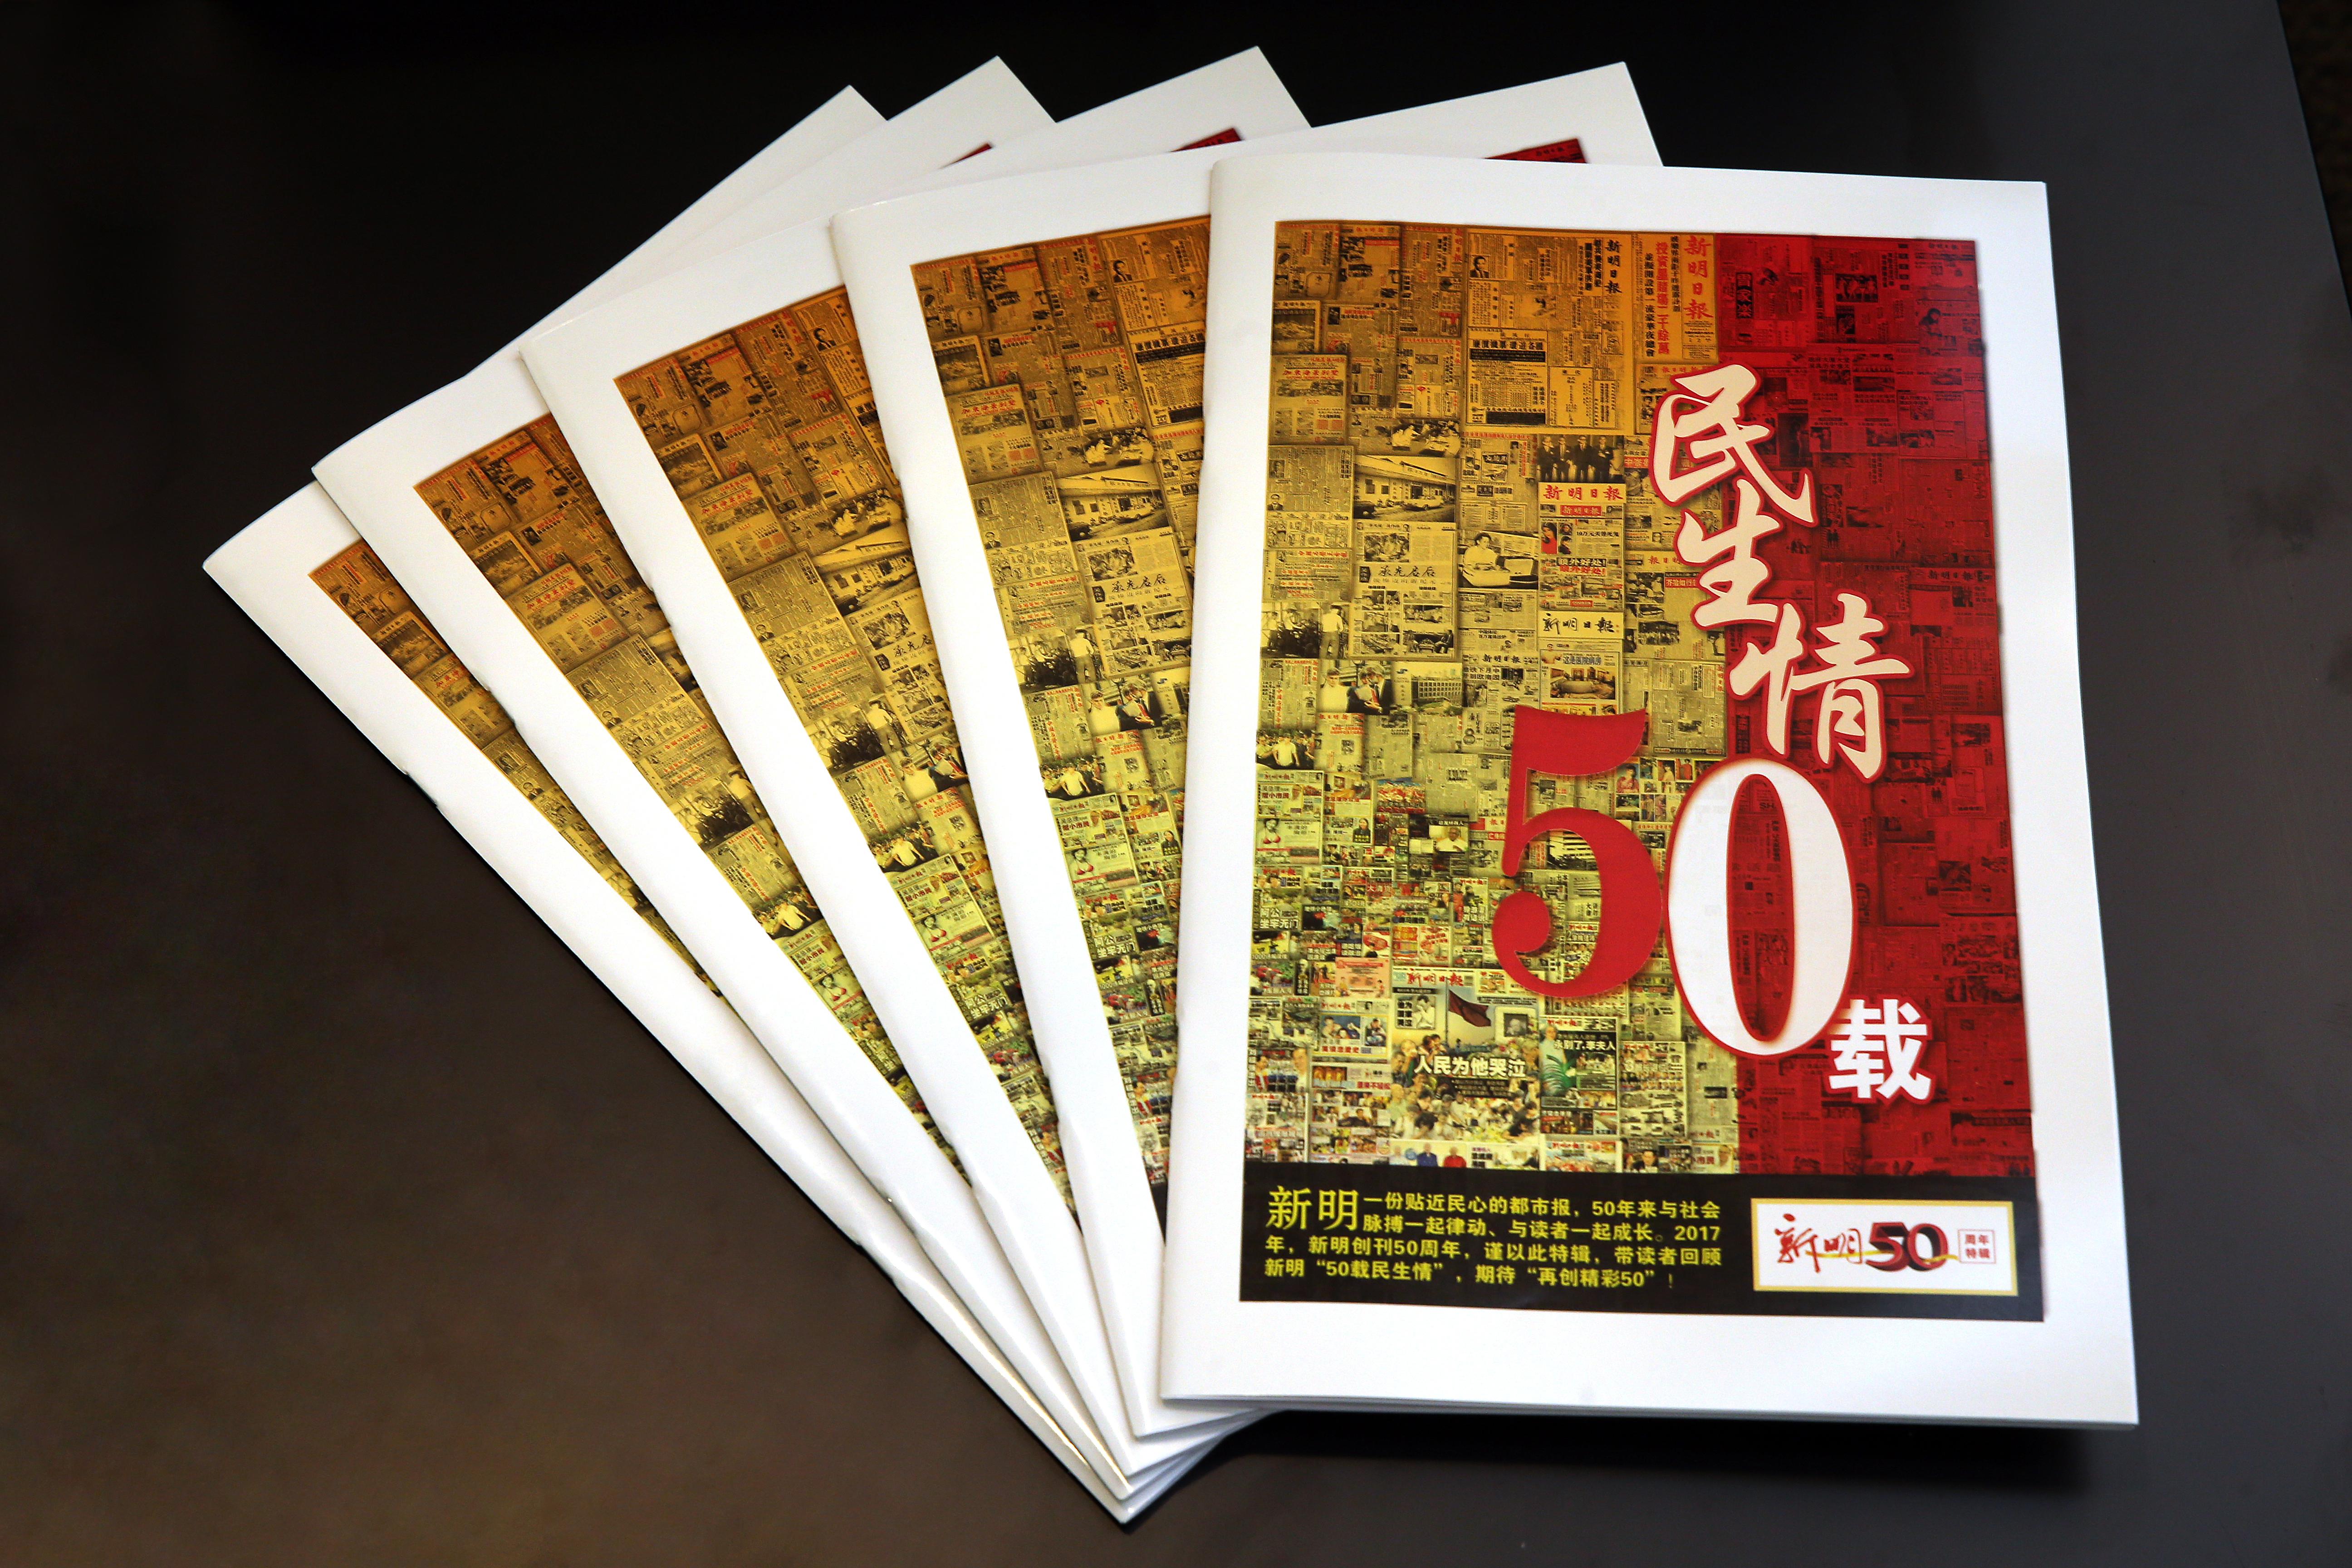 本报在创刊日3月18日出版56版的50周年特辑,过后结集成《民生情50载》,主宾徐芳达受邀在4月6日的50周年海上庆祝会上,主持特刊的推介仪式。